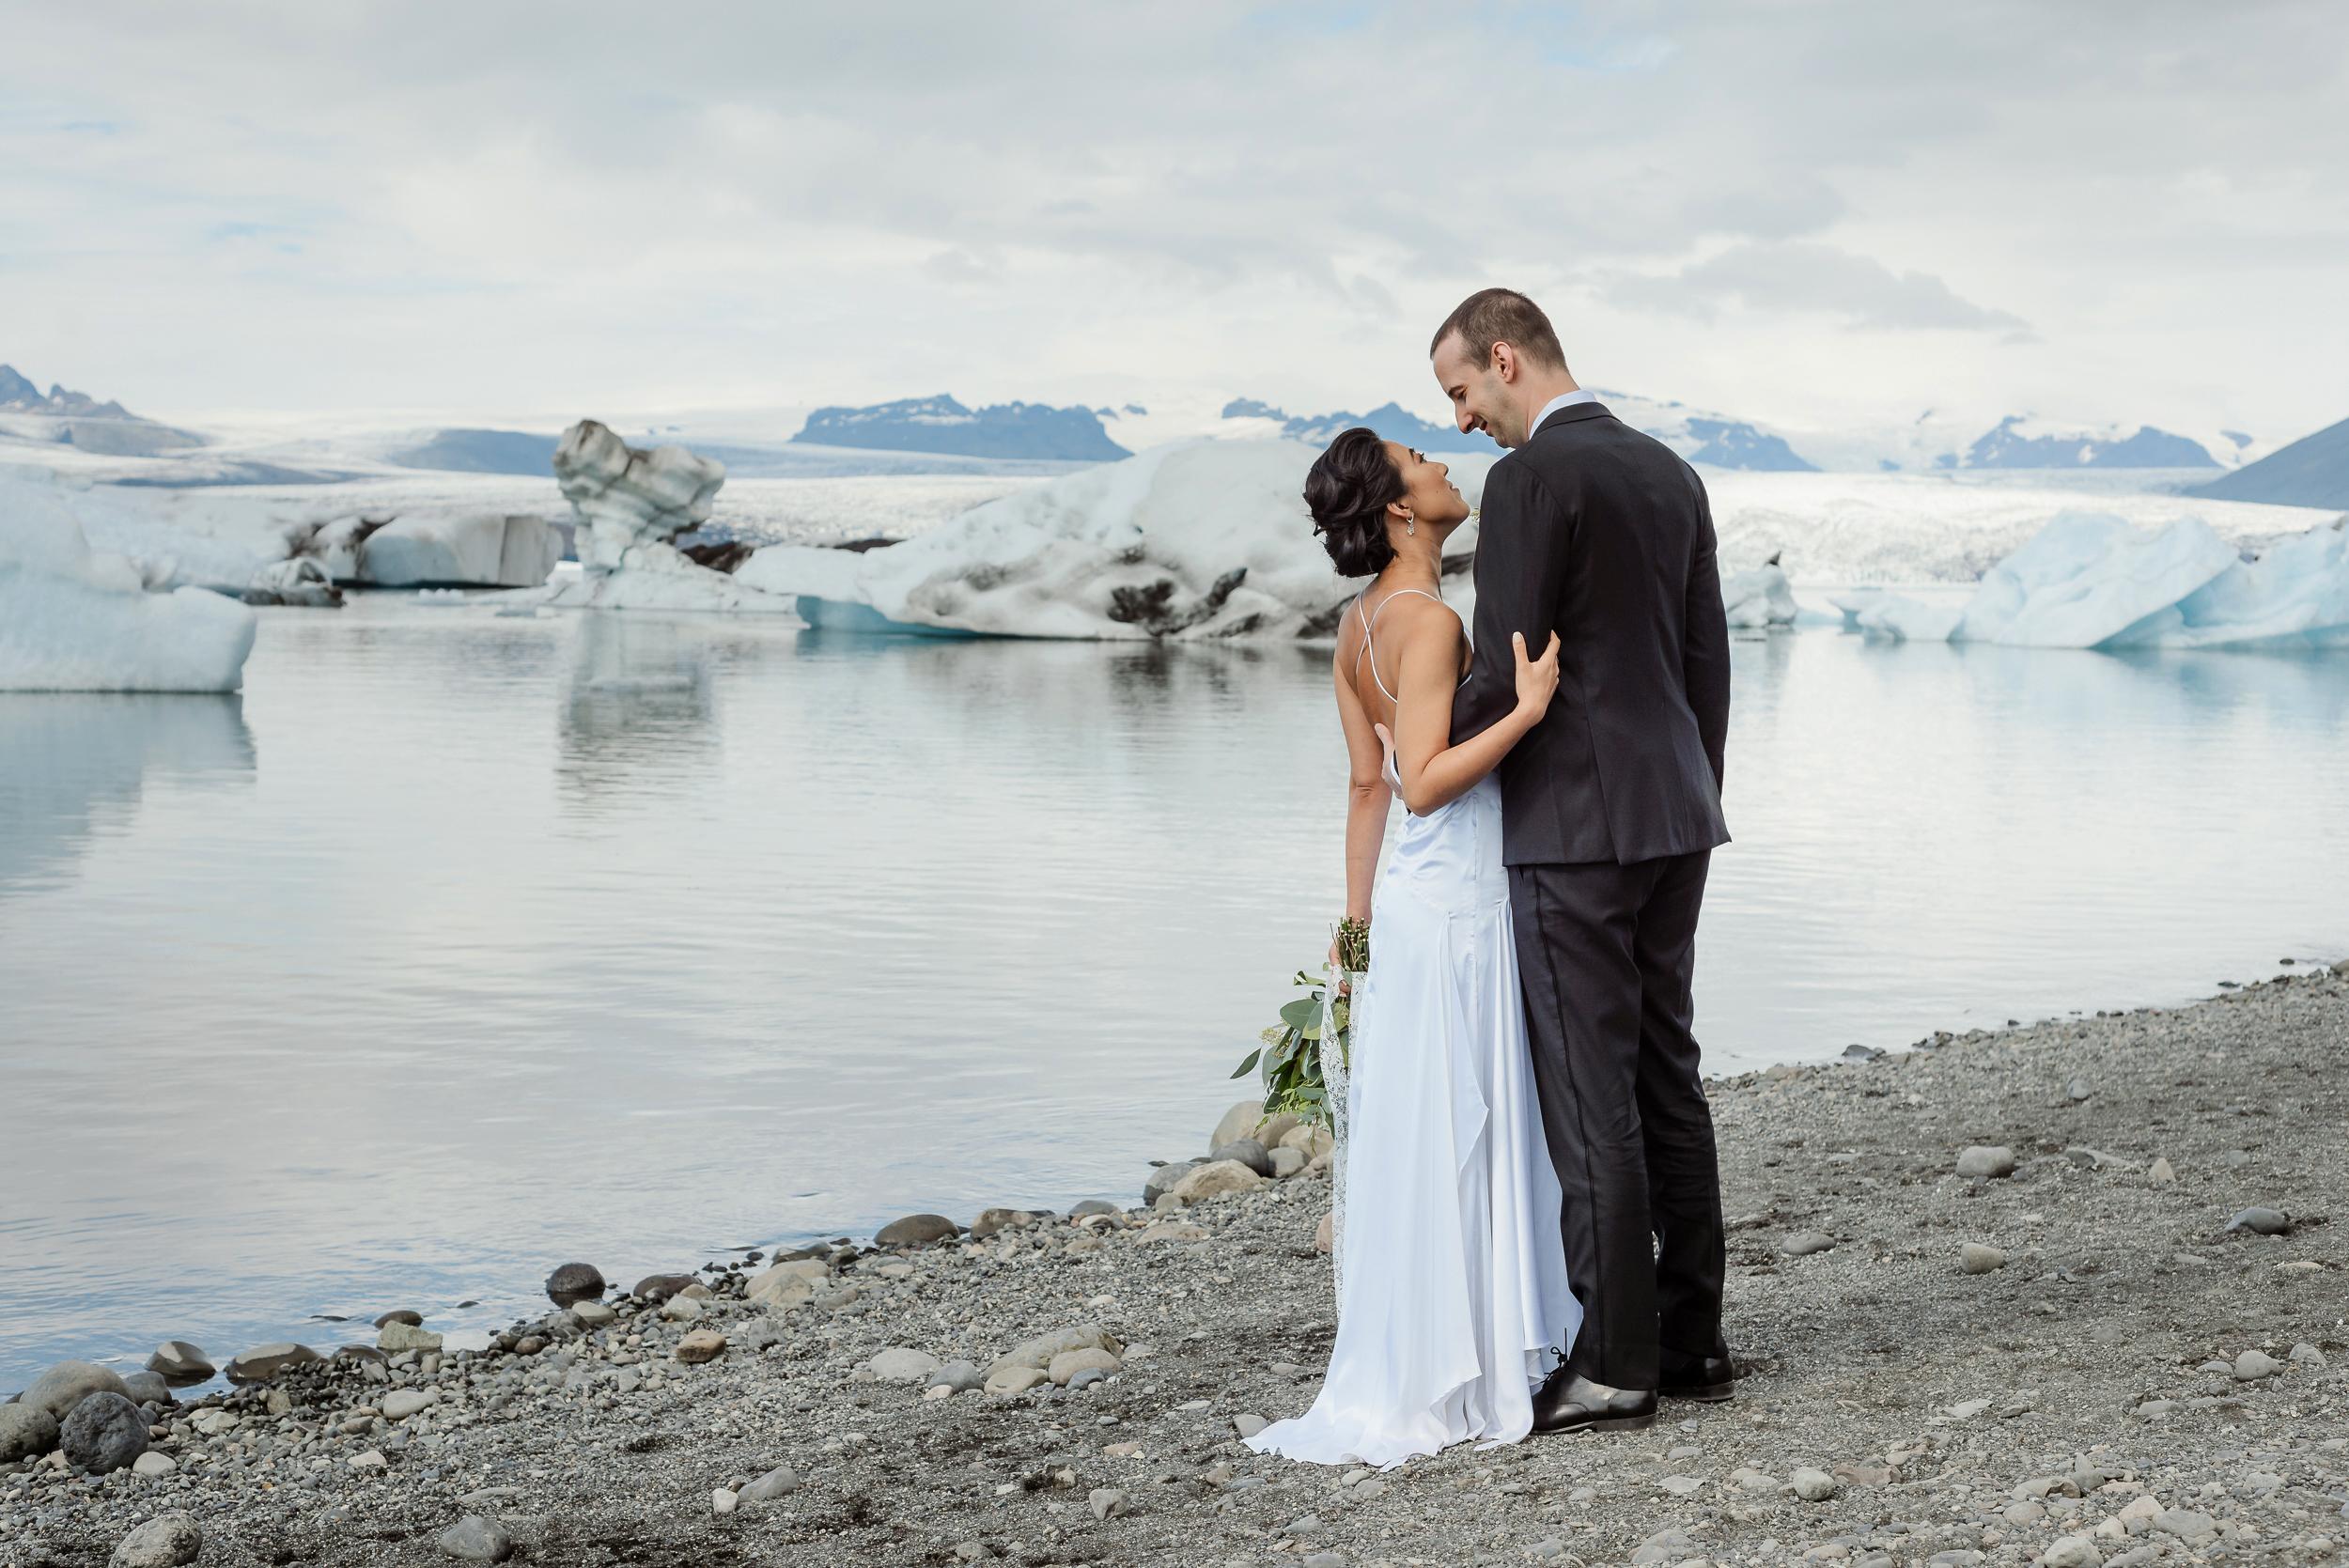 destination-wedding-iceland-engagement-session-vivianchen-028.jpg